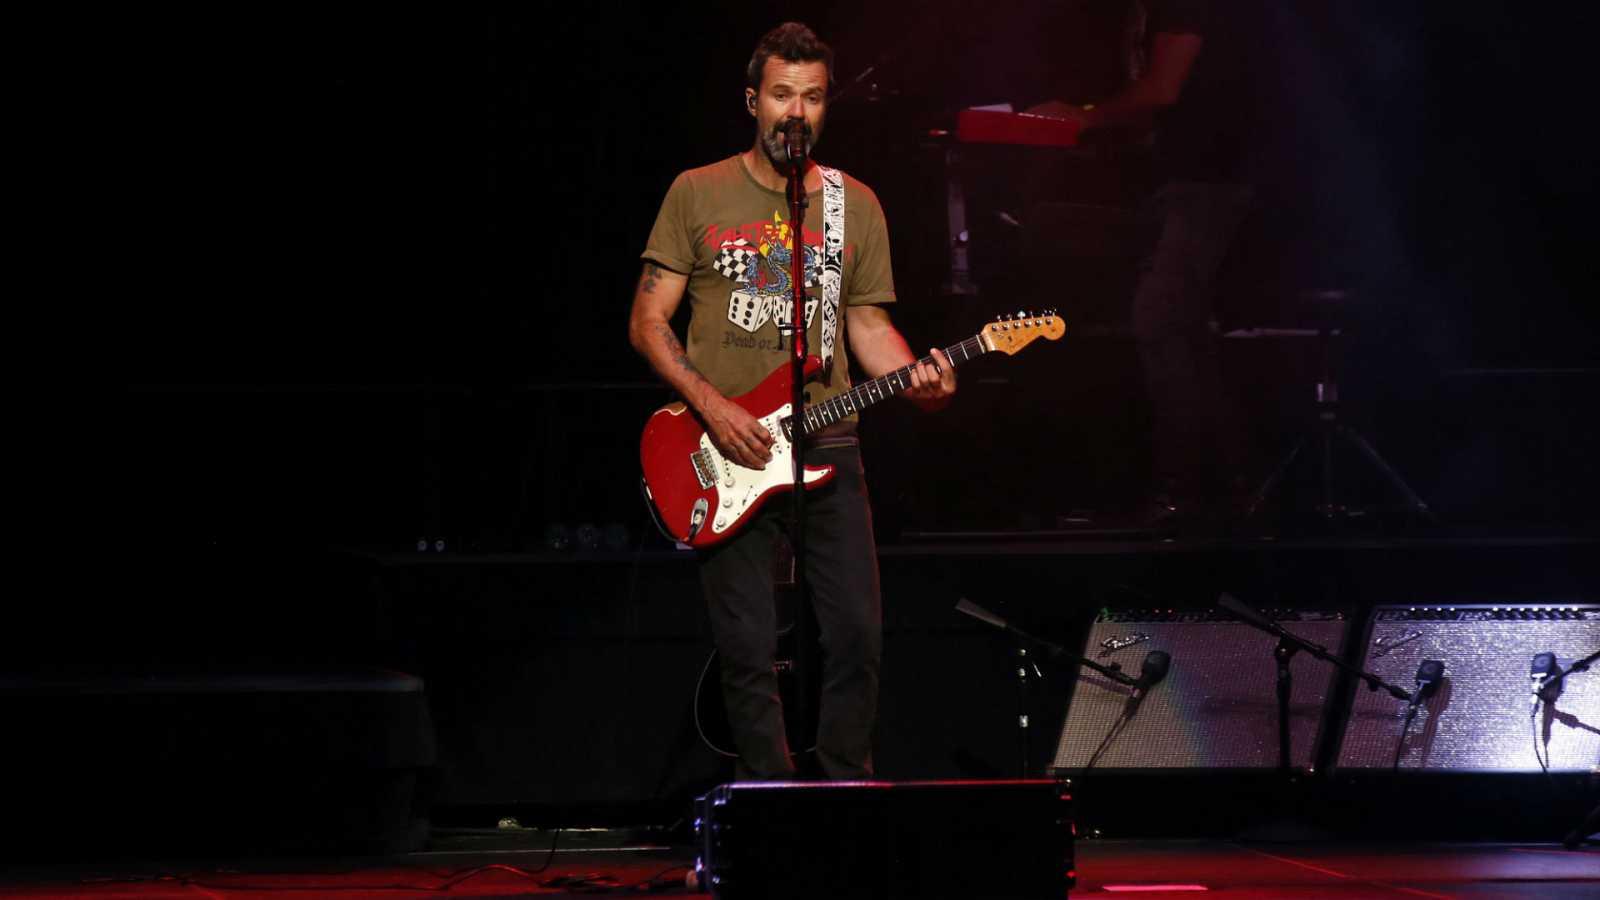 """14 horas - Ismael Serrano sobre Pau Donés: """"La celebración de la vida está en él y en su música"""" - Escuchar ahora"""